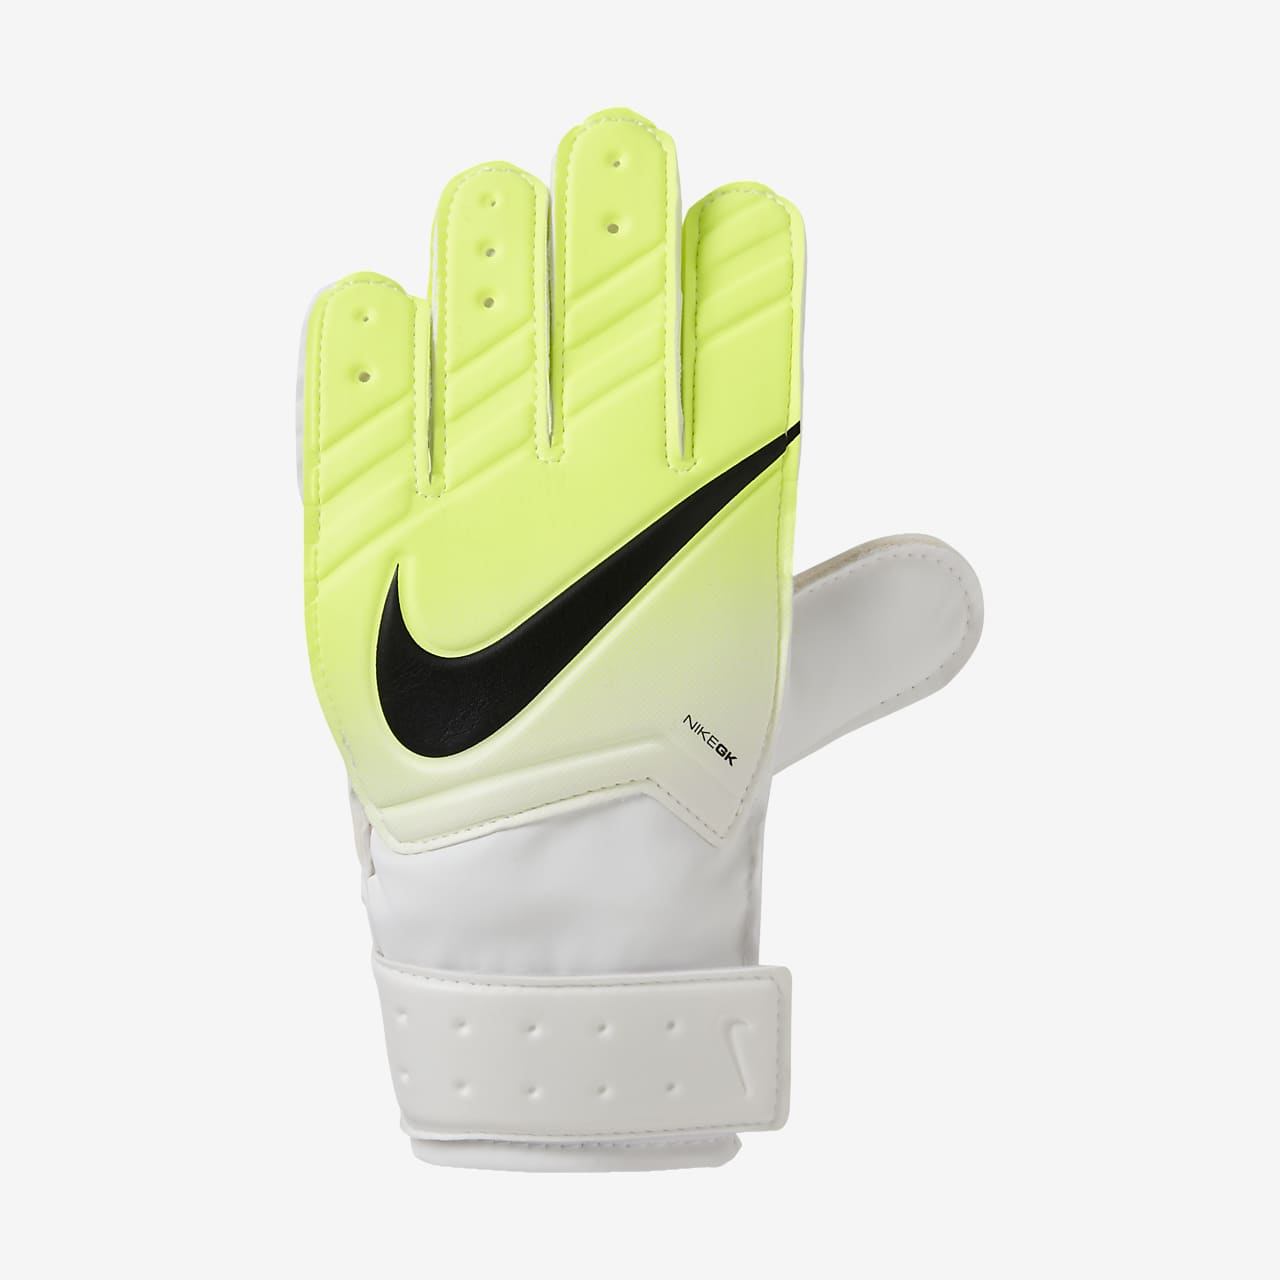 Nike Junior Match Goalkeeper Guants de futbol - Nen/a